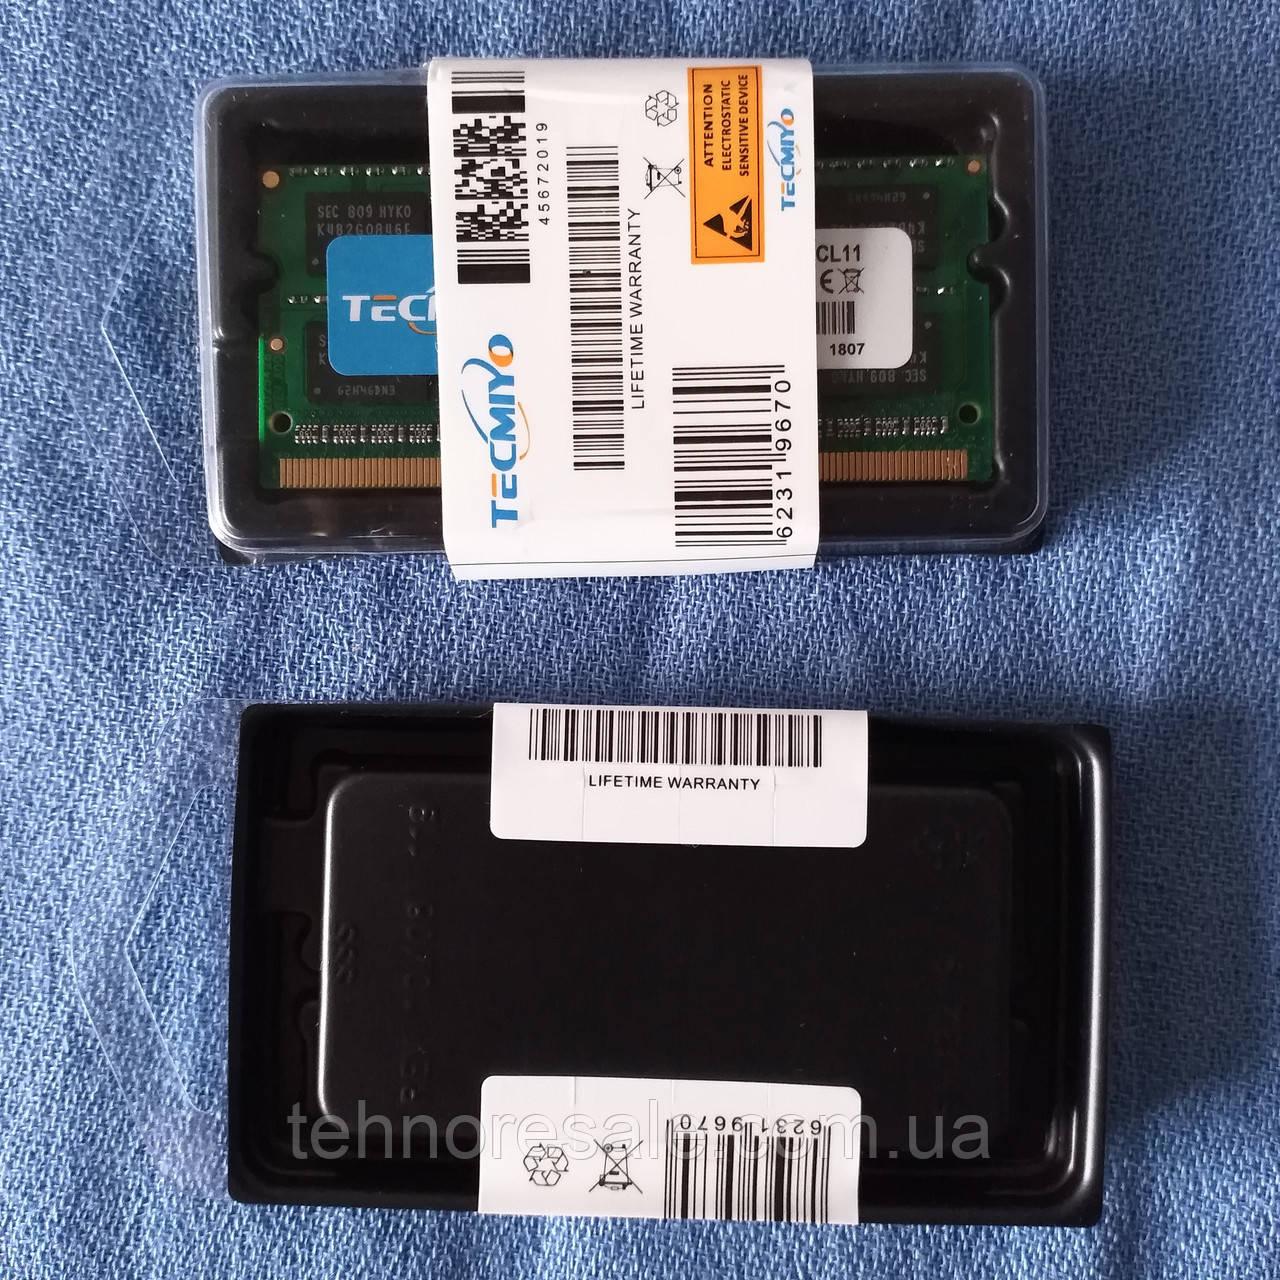 НОВА оперативна пам'ять TECMIYO SODIMM DDR3 4Gb, 1600 MHz, CL11, для ноутбуків та моноблоків